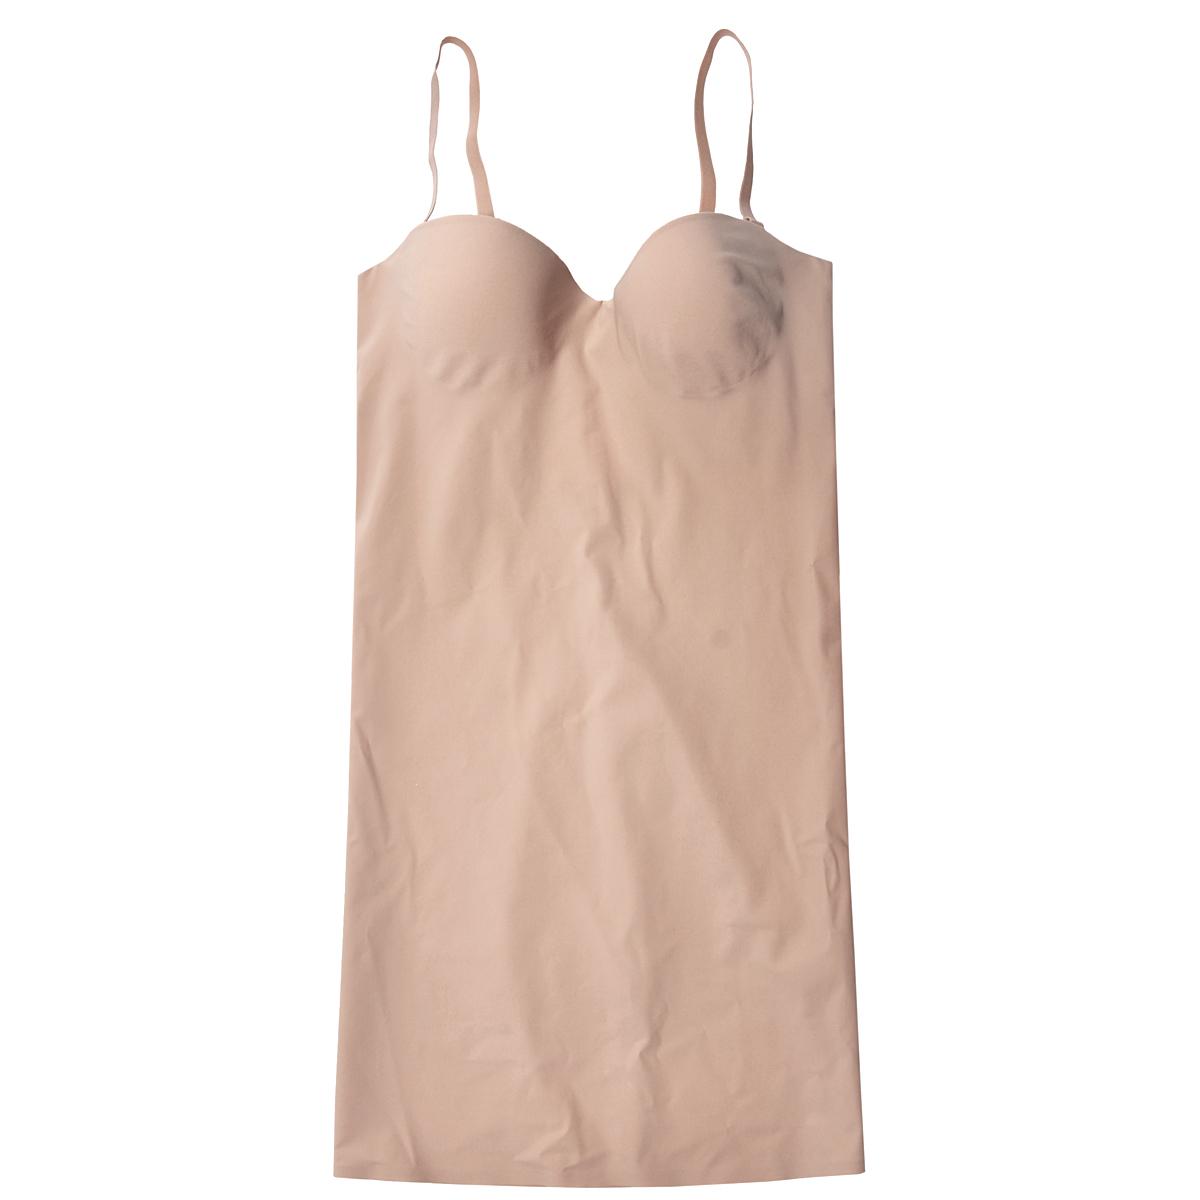 Платье Shape-Up Dress, корректирующее. 18SD18SDКорректирующее платье Magic BodyFashion Shape-Up Dress на тонких съемных регулируемых бретелях очень удобное и комфортное в носке. Модель с высокой степенью утяжки по всей поверхности придает фигуре желаемые очертания. Бюстгальтер с каркасом поддержит вашу грудь в любых обстоятельствах, сзади застегивается на три крючка в трех позициях. Крой платья необычен, благодаря чему его невозможно заметить под любой одеждой, оно практически не ощущается на коже, позволяет чувствовать себя комфортно и легко. Изделие позволяет приобрести выразительные линии своего тела за считанные секунды (можно скрыть все лишнее и придать объем там, где необходимо). Белье Magic BodyFashion создано для тех, кто стремится к безупречности своего стиля. Именно благодаря ему огромное количество женщин чувствуют себя поистине соблазнительными, привлекательными и не на шутку уверенными в себе.